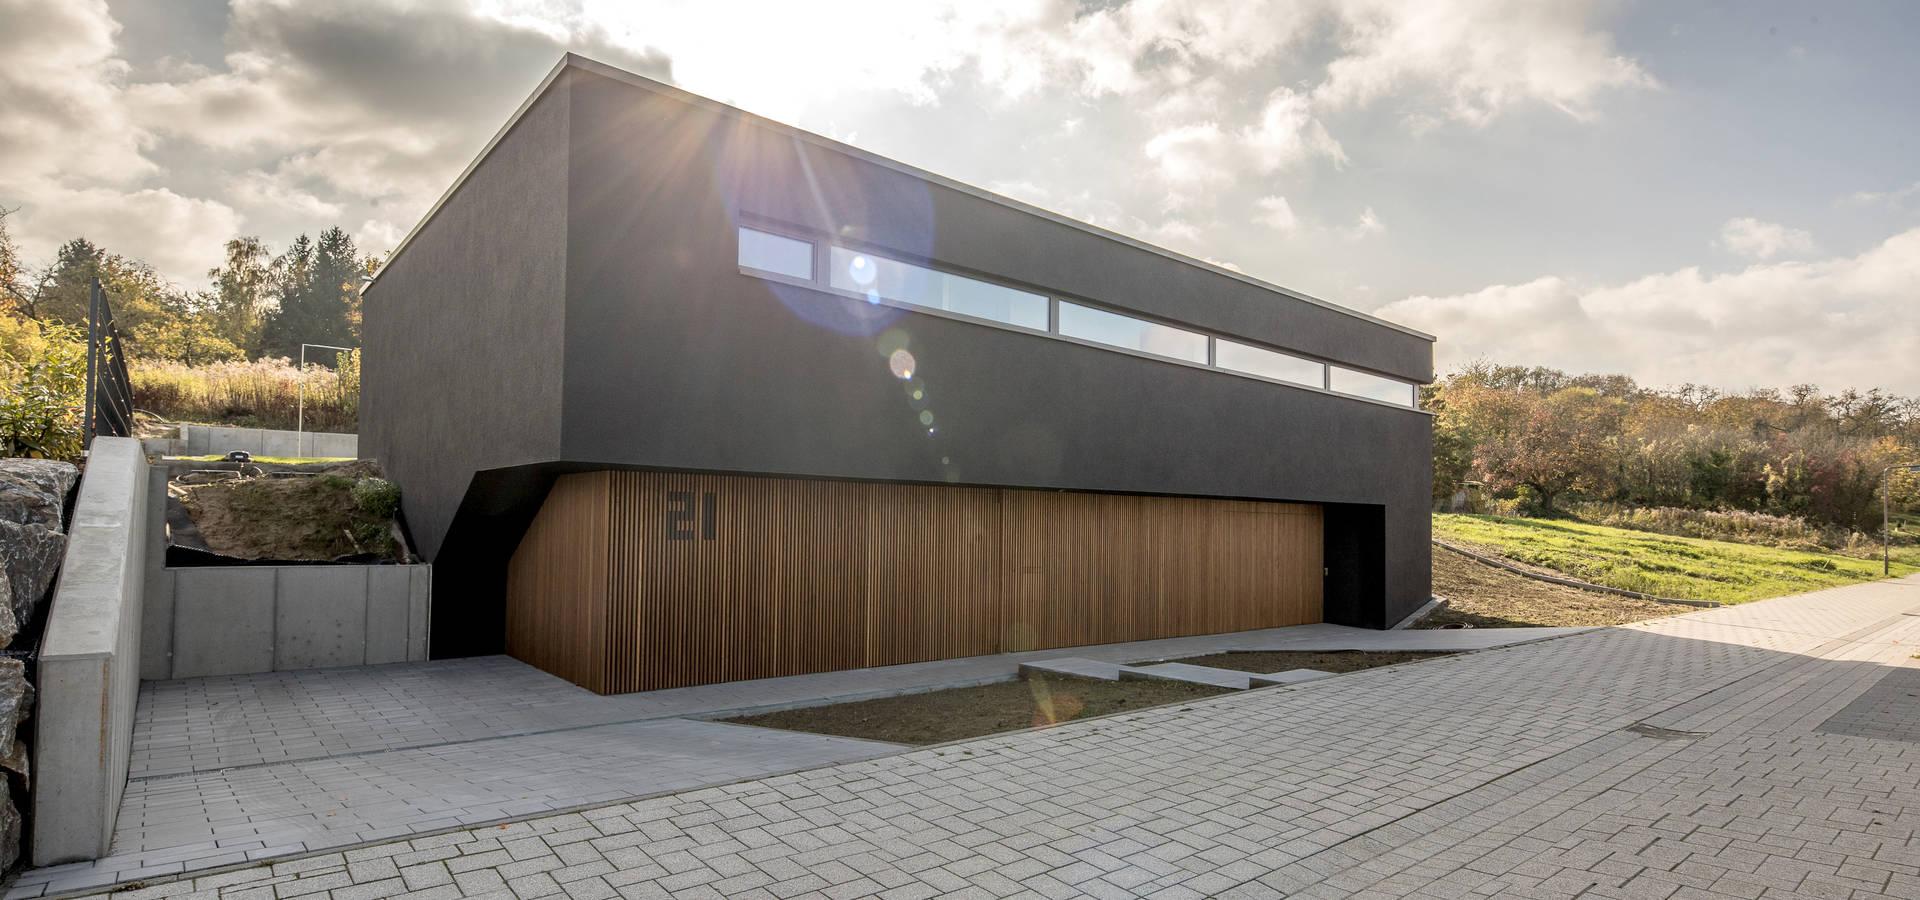 Architekt Bruchsal henecka architekten architekten in bruchsal homify